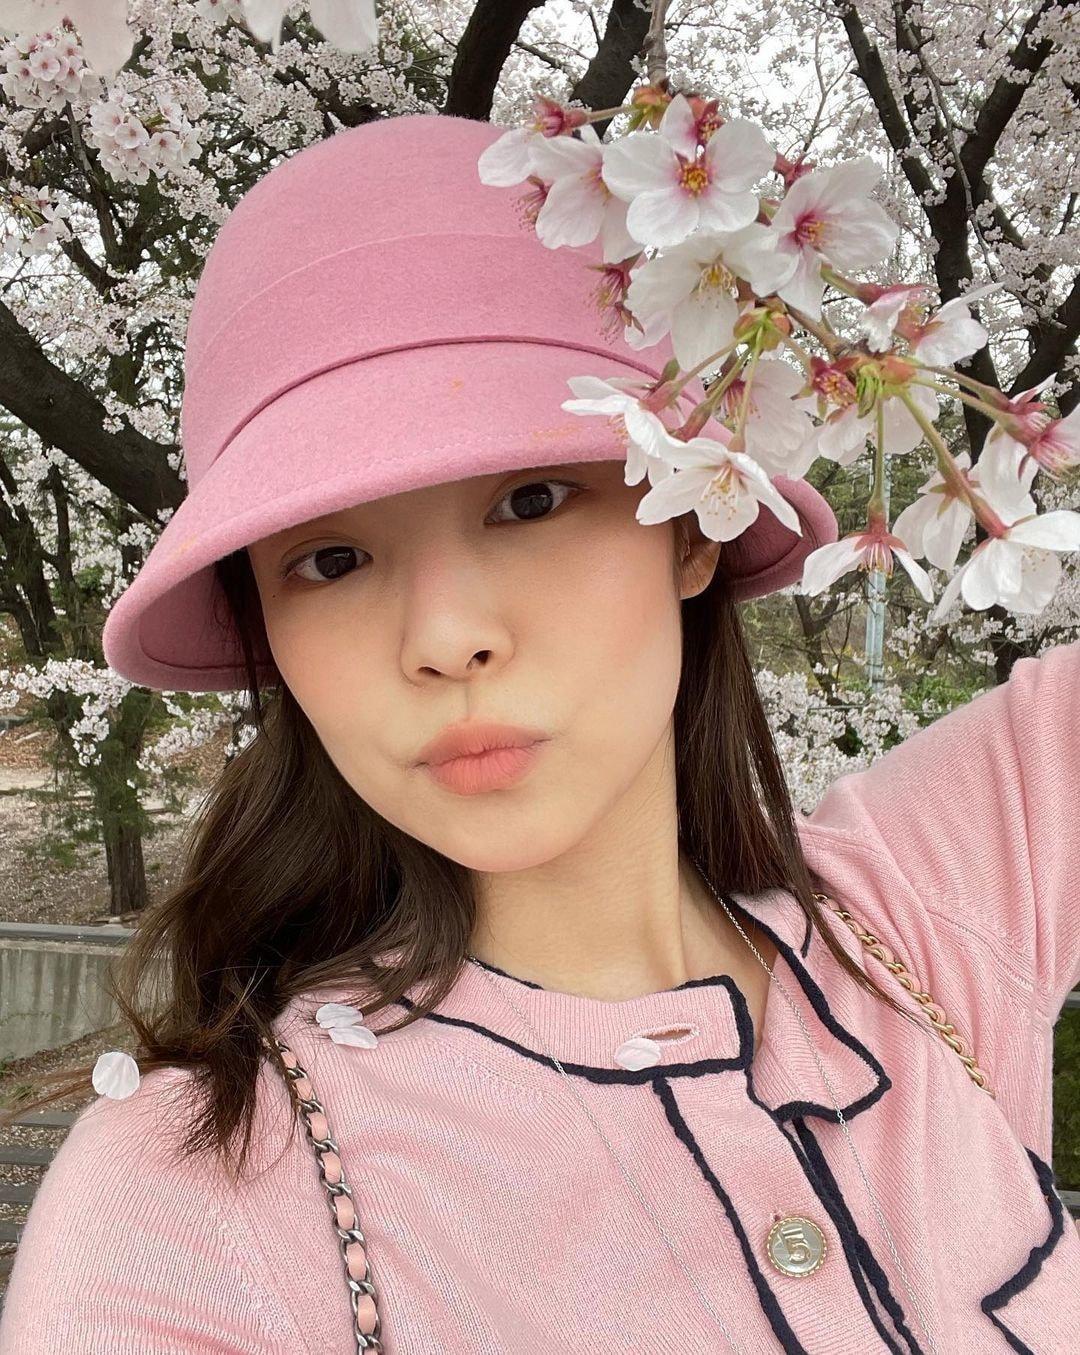 Dàn mỹ nhân K-Pop ngắm hoa anh đào: Jennie (BLACKPINK) nổi nhất nhờ trang phục thời thượng ảnh 7